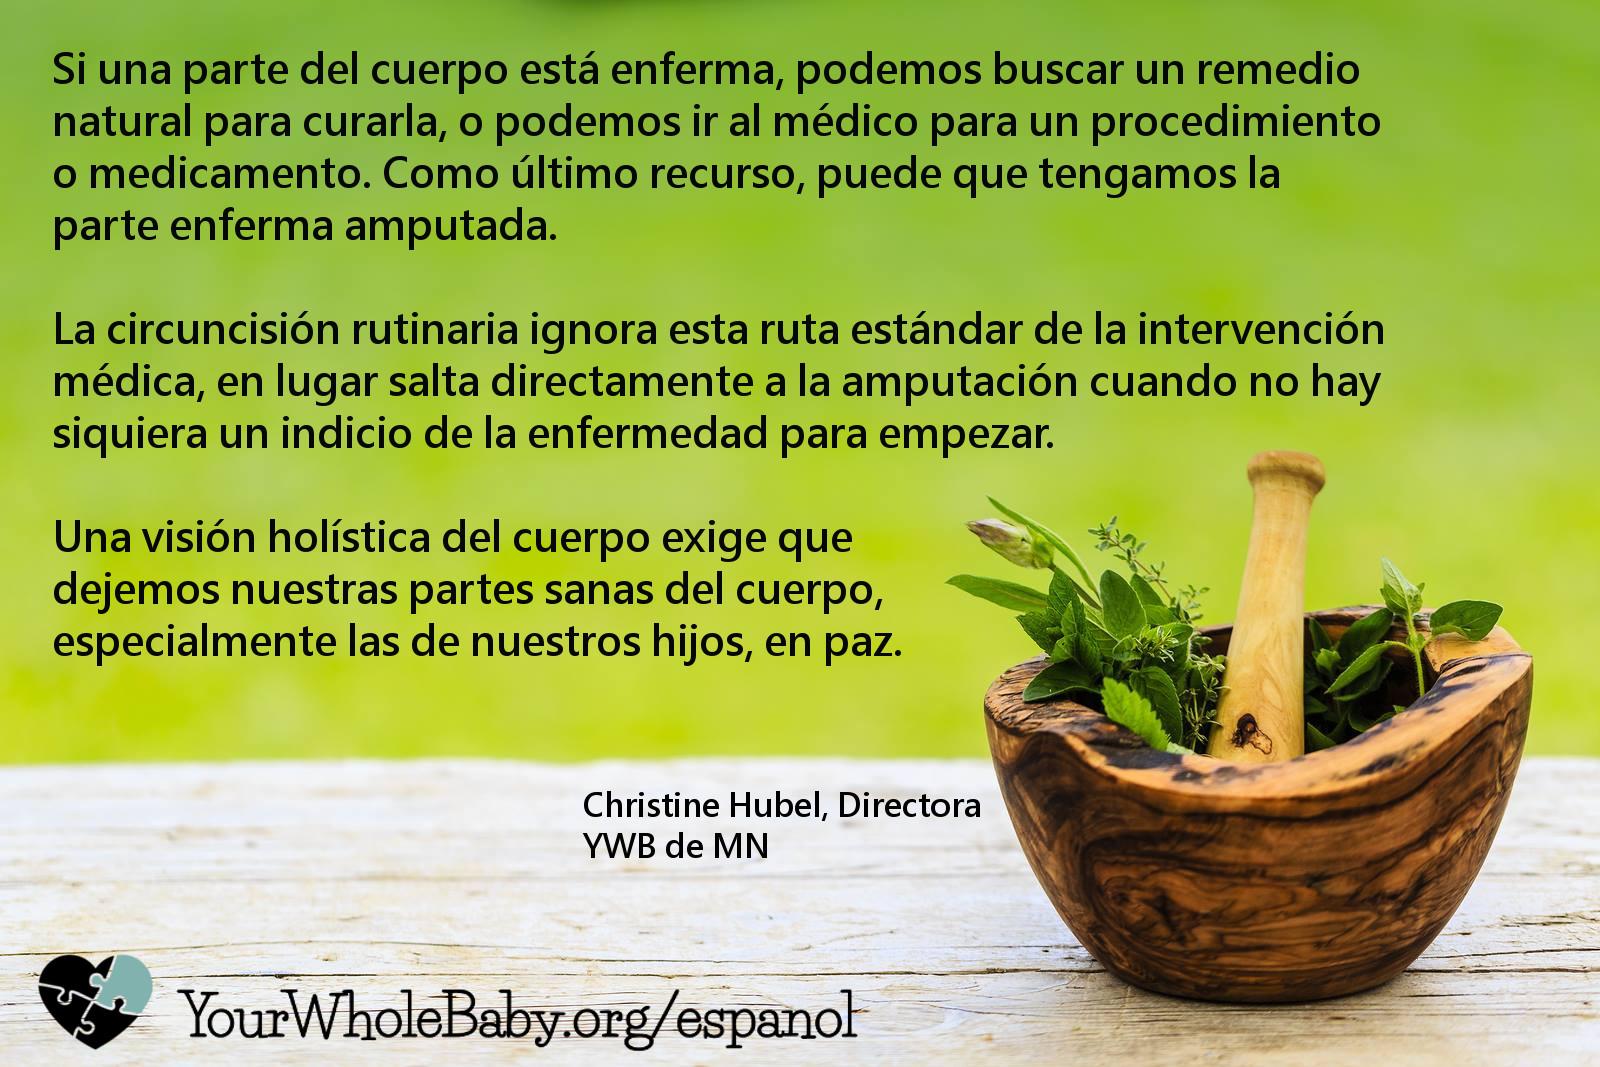 YWB Natural cure spanish.jpg